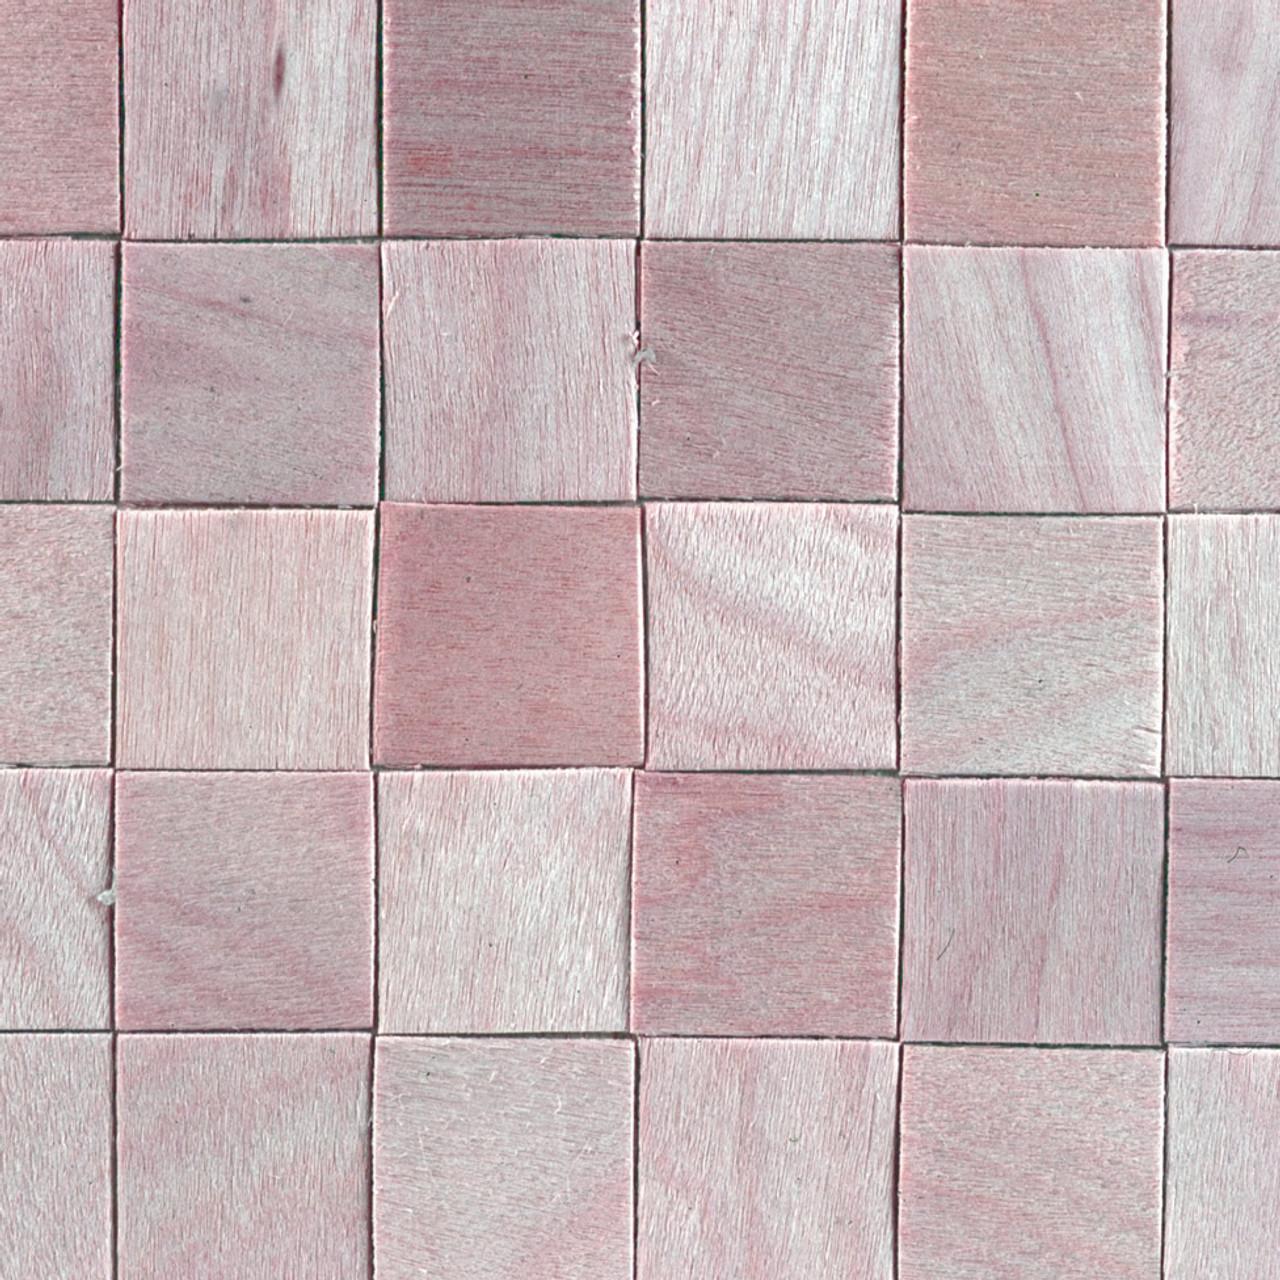 Miniature Dollhouse Tile Flooring: Miniature Scale Floor Tiles Wood